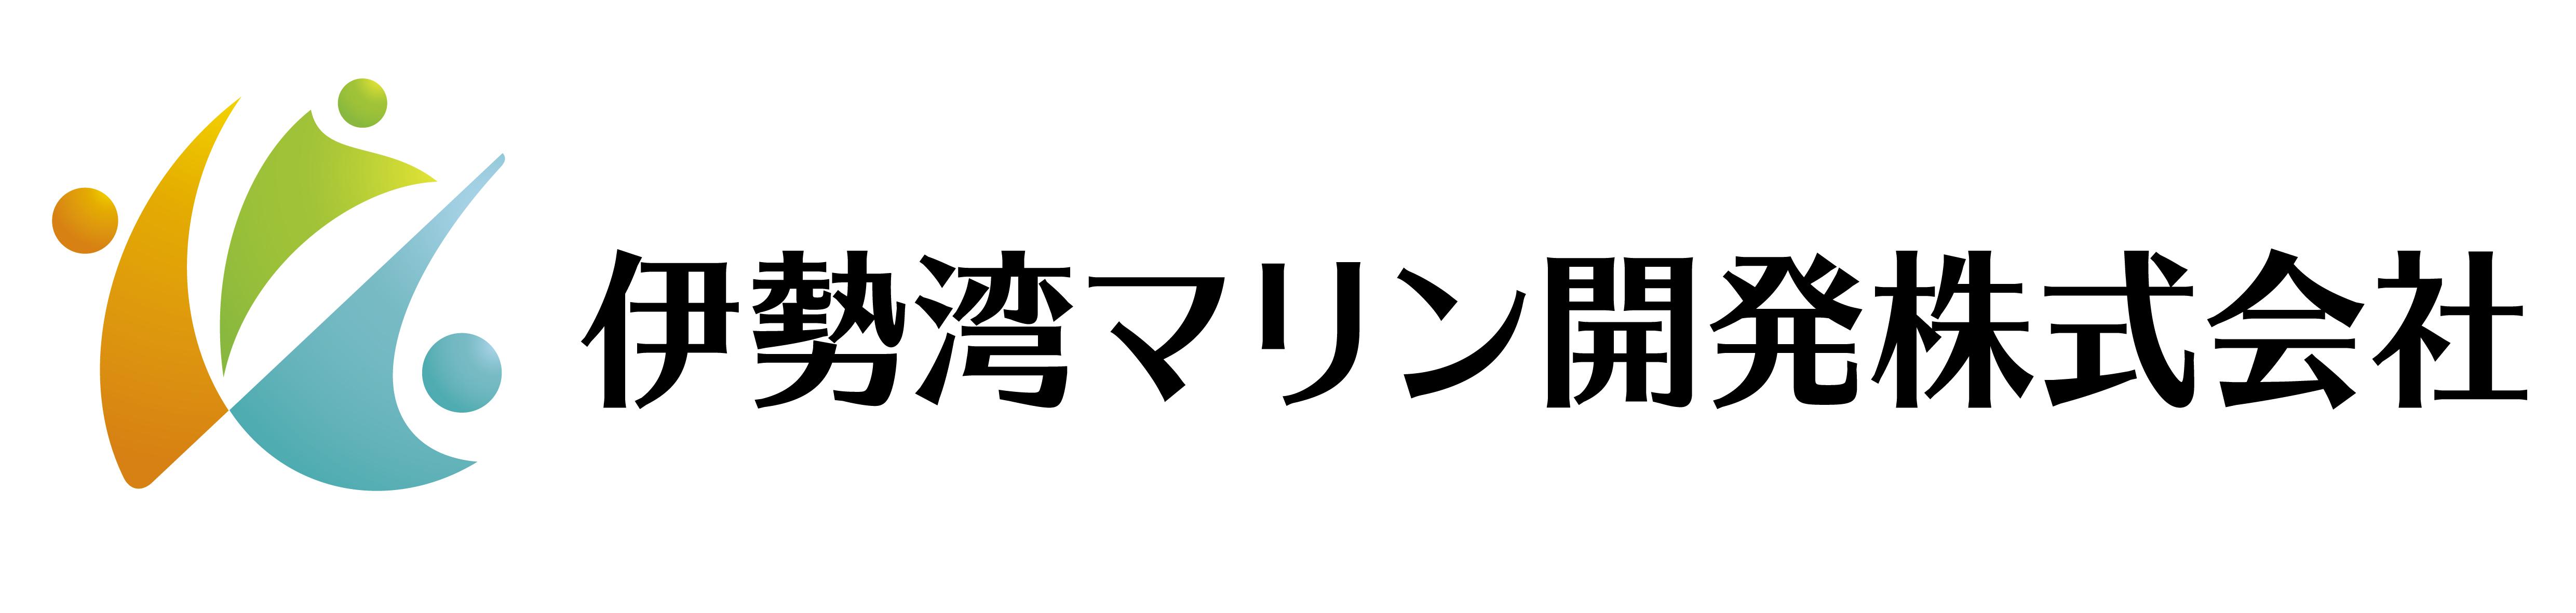 伊勢湾マリン開発_②会社ロゴ